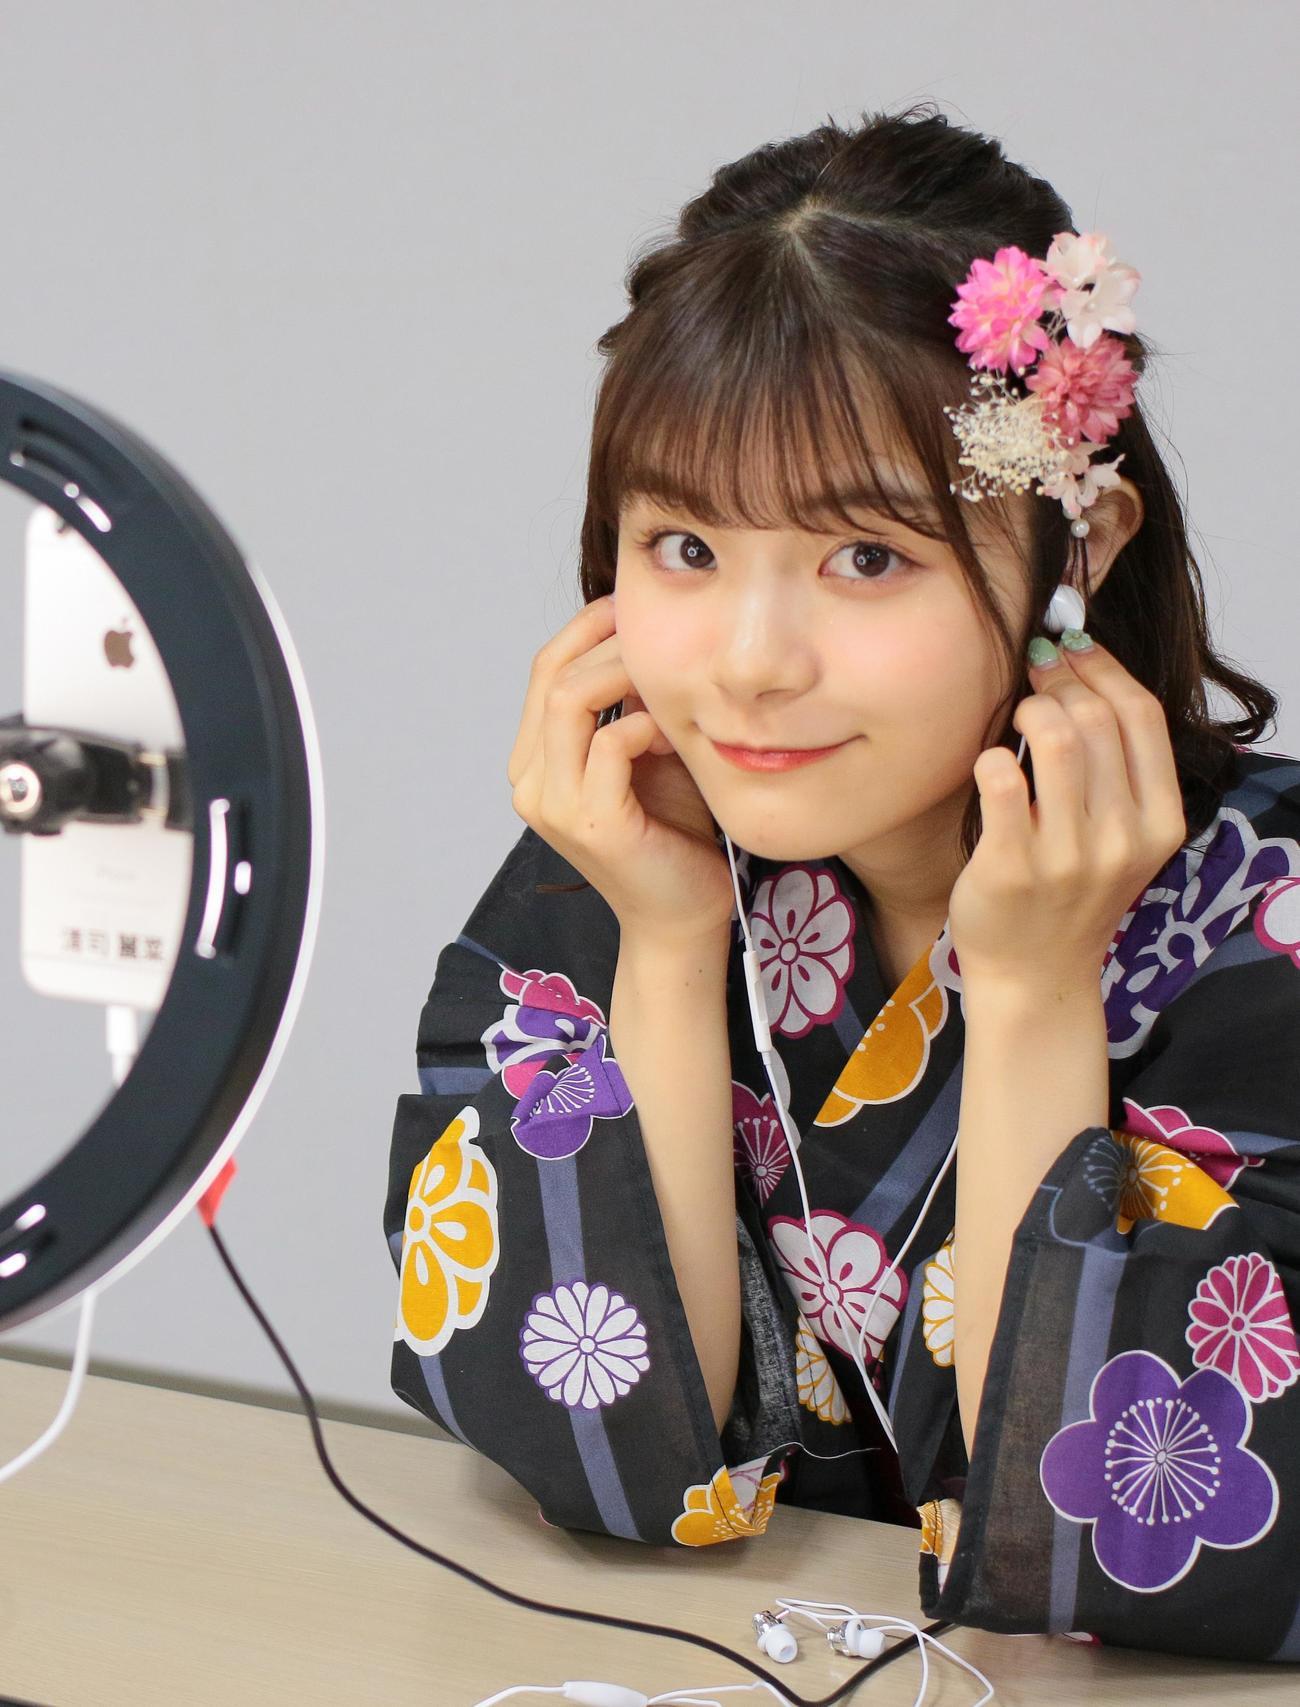 「オンライン個別おしゃべり会」を行い笑顔を見せる清司麗菜(C)Flora